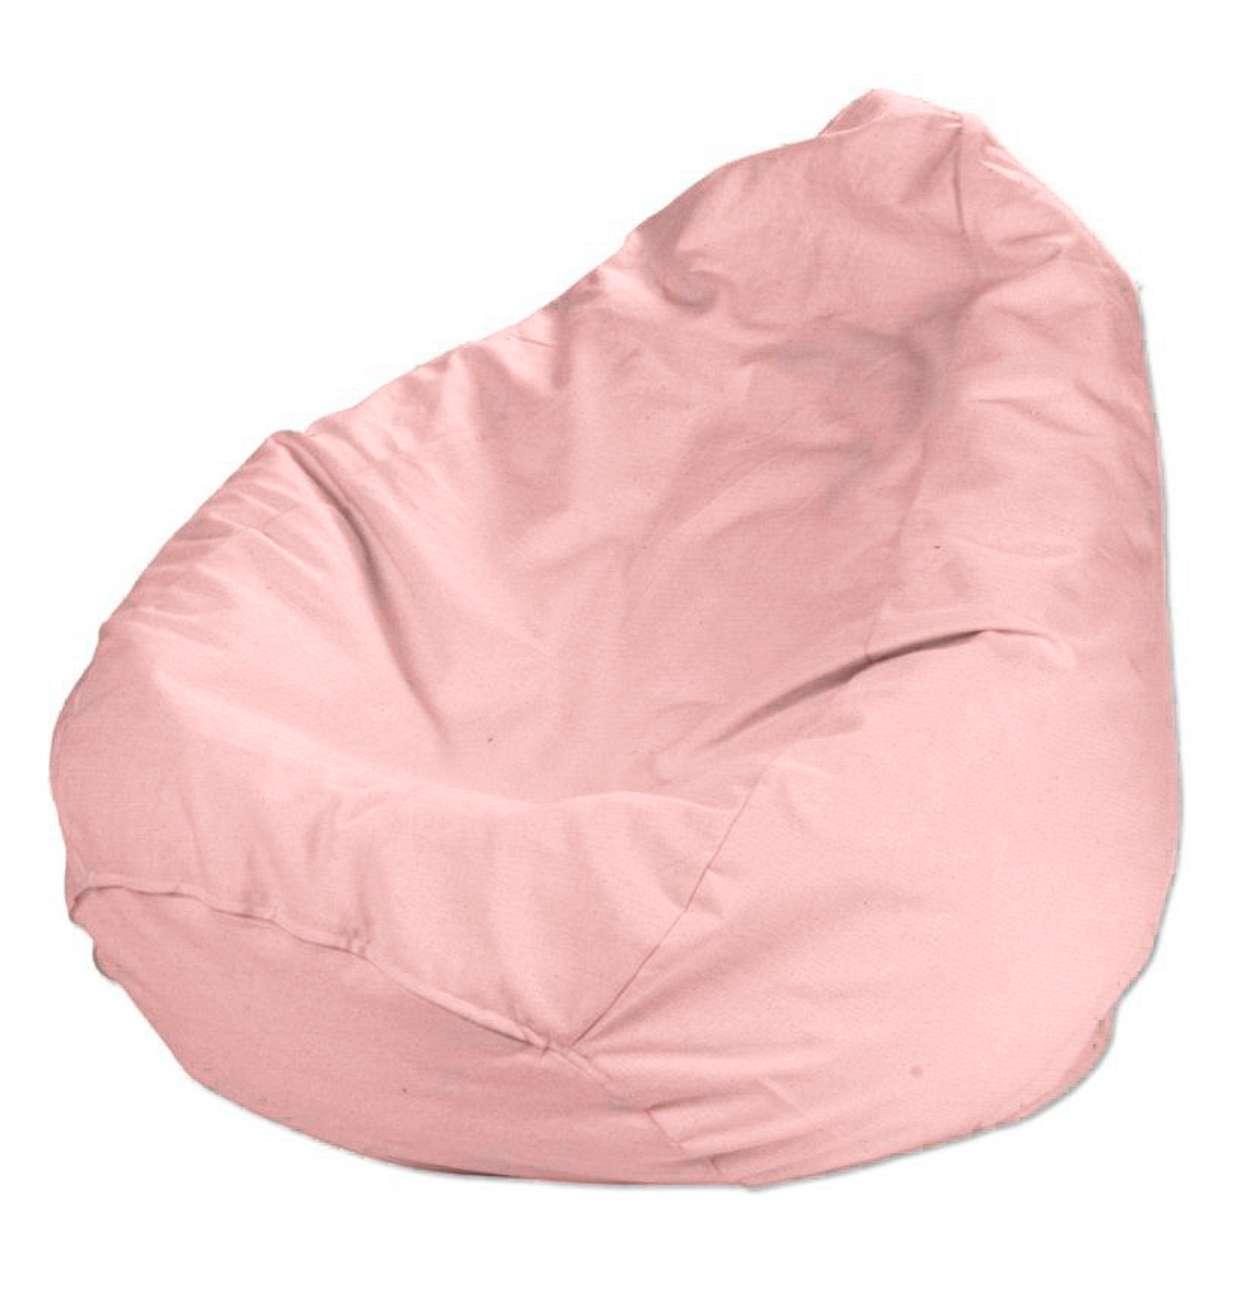 Pokrowiec na worek do siedzenia w kolekcji Loneta, tkanina: 133-39